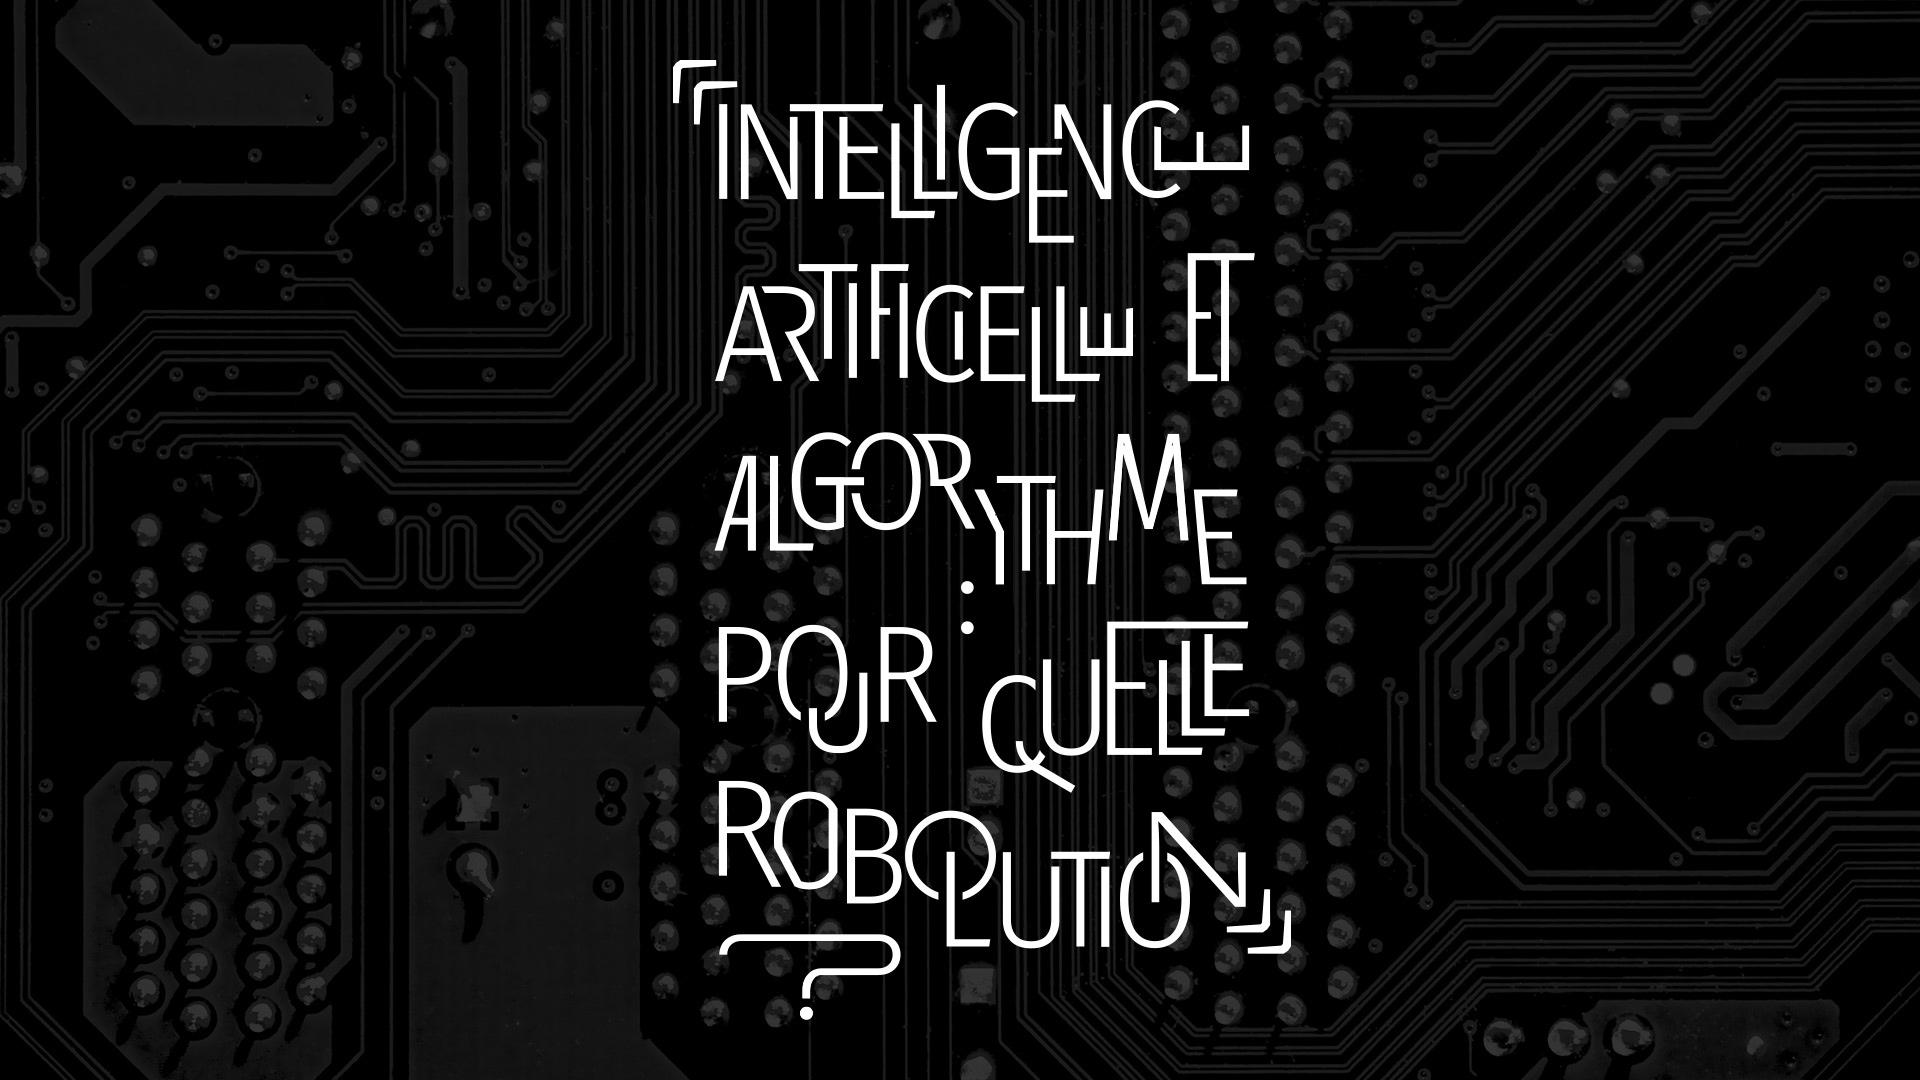 Titre Guide Intelligence artificielle - Antoine Thibaudeau